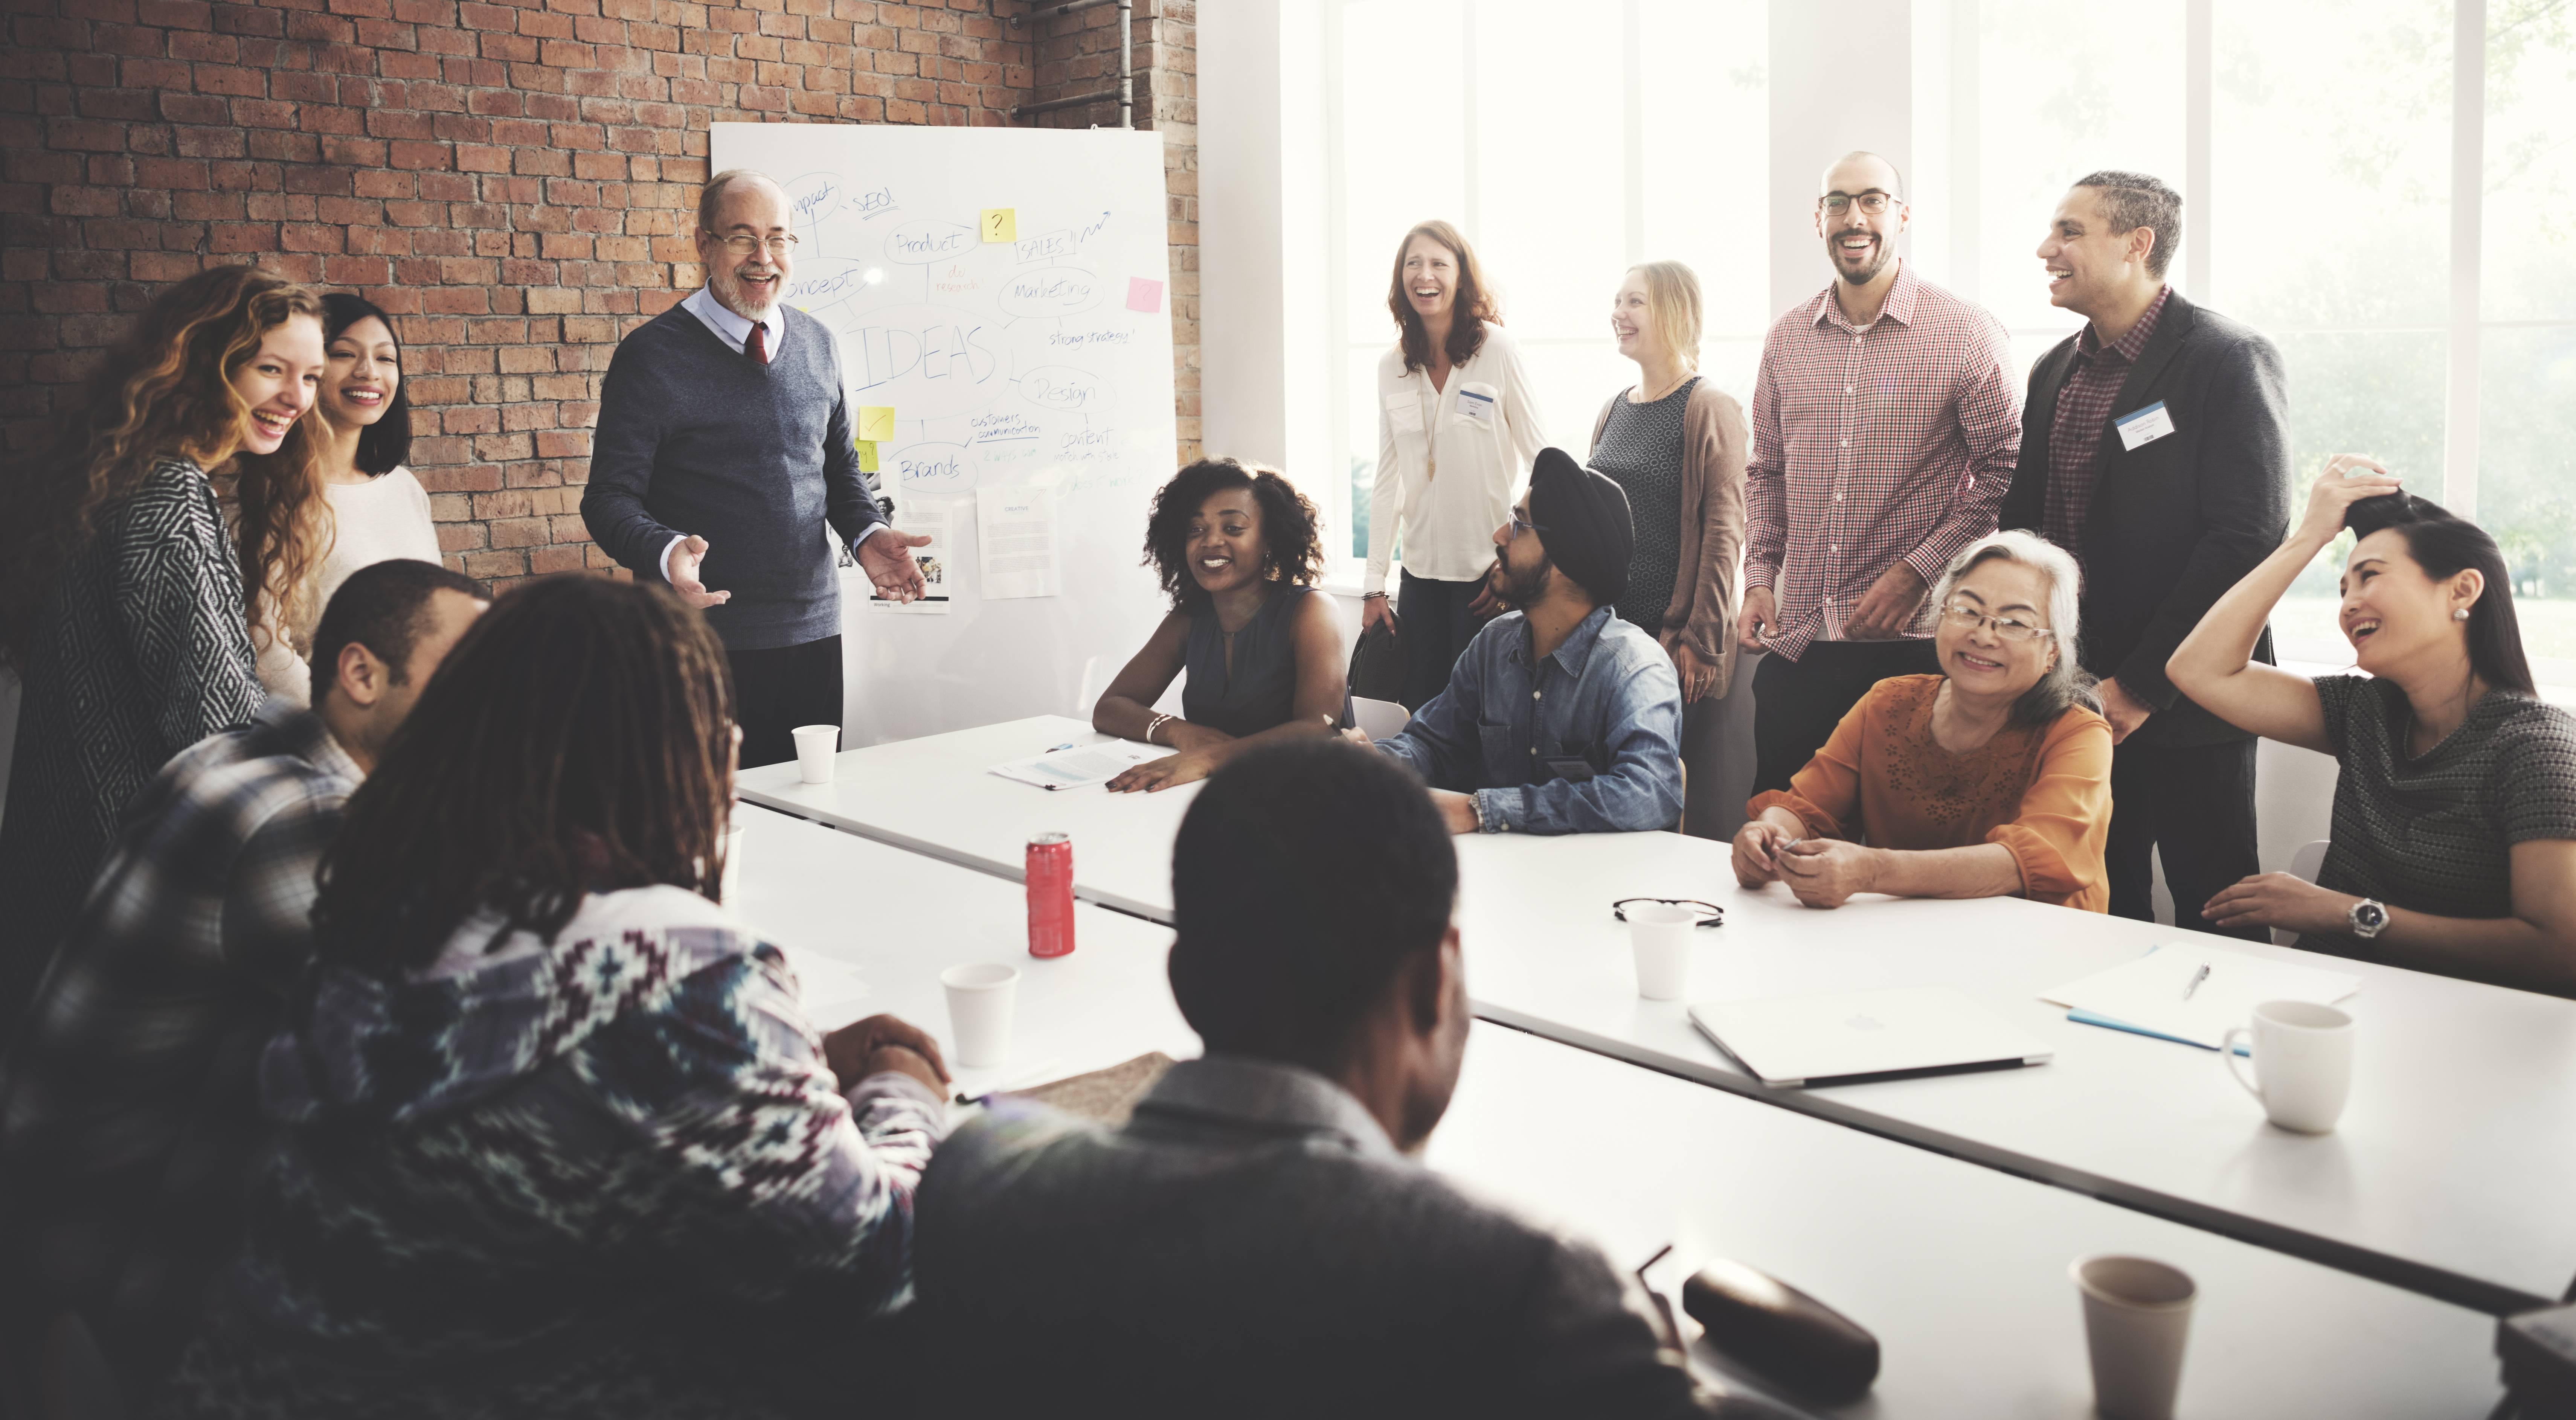 Public Speaking: Managing the Q&A